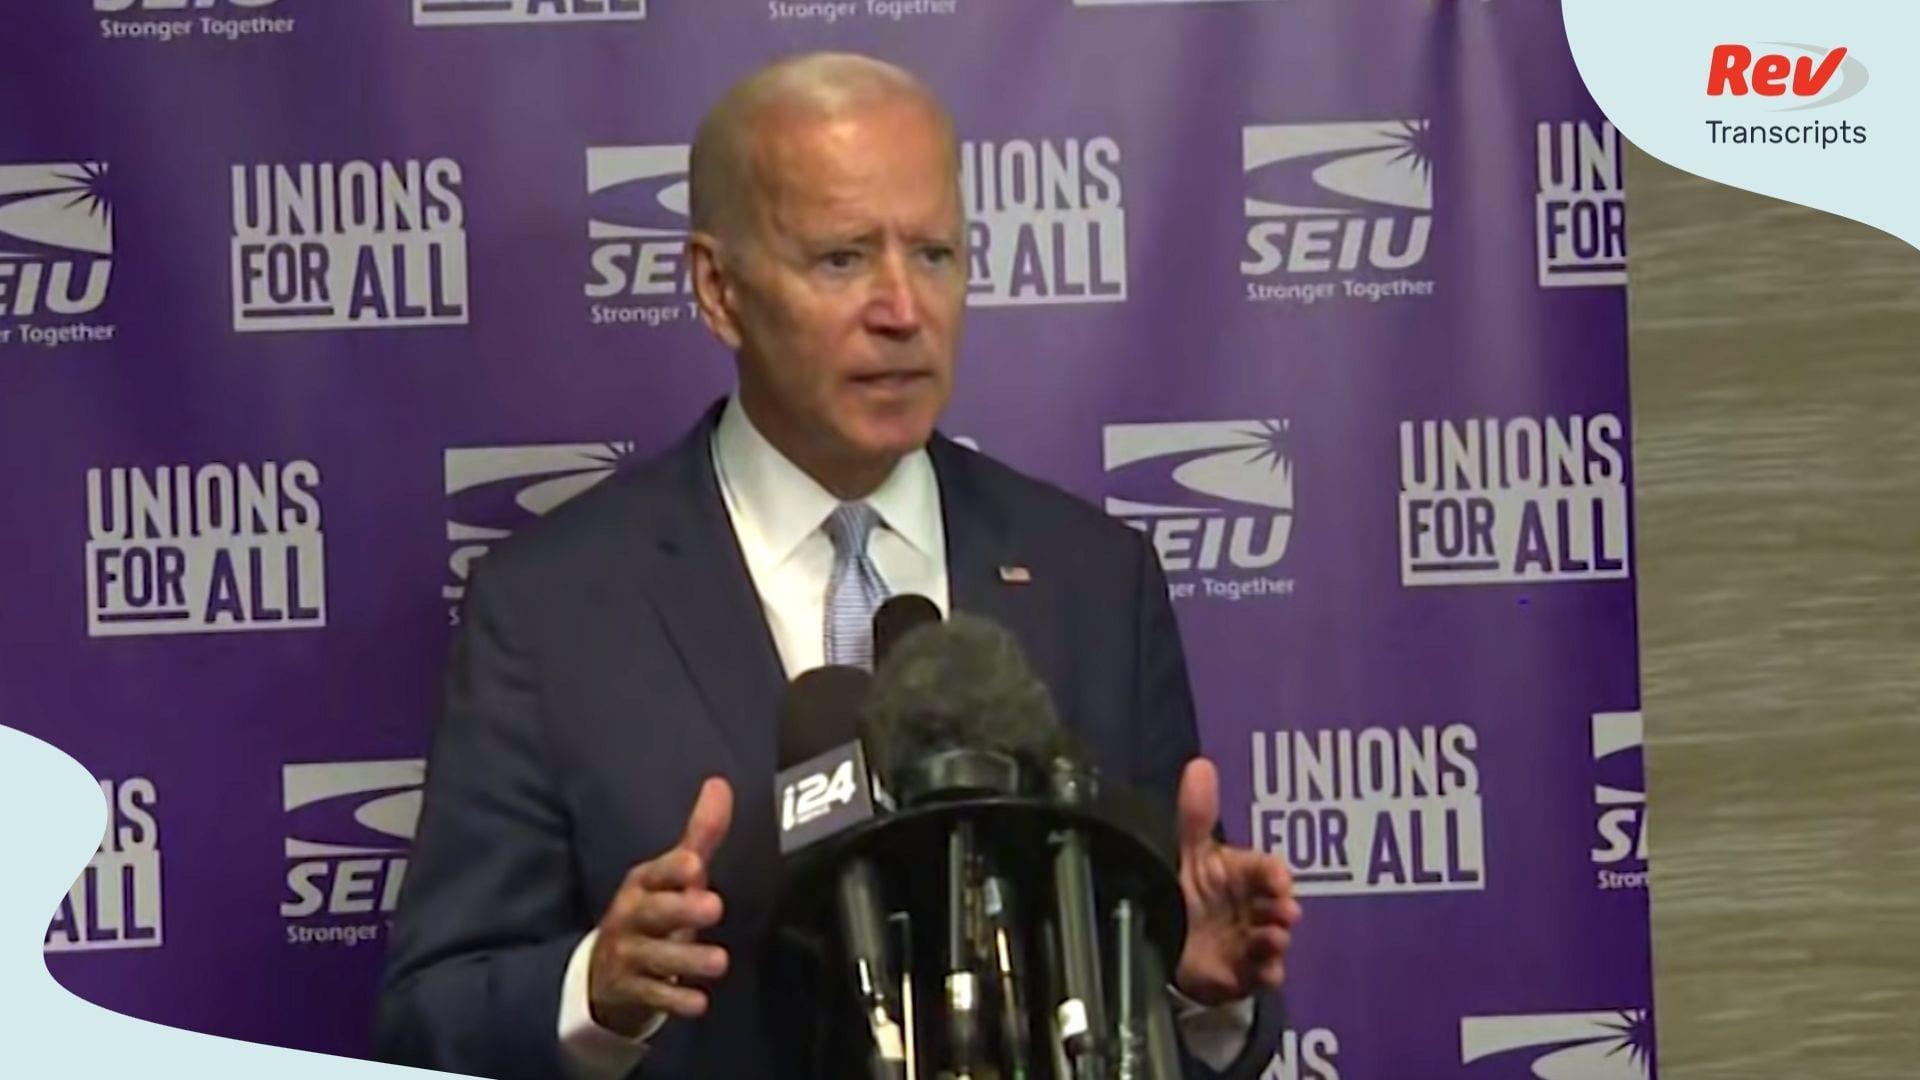 Joe Biden Press Conference Transcript - Biden Fires Back at Trump